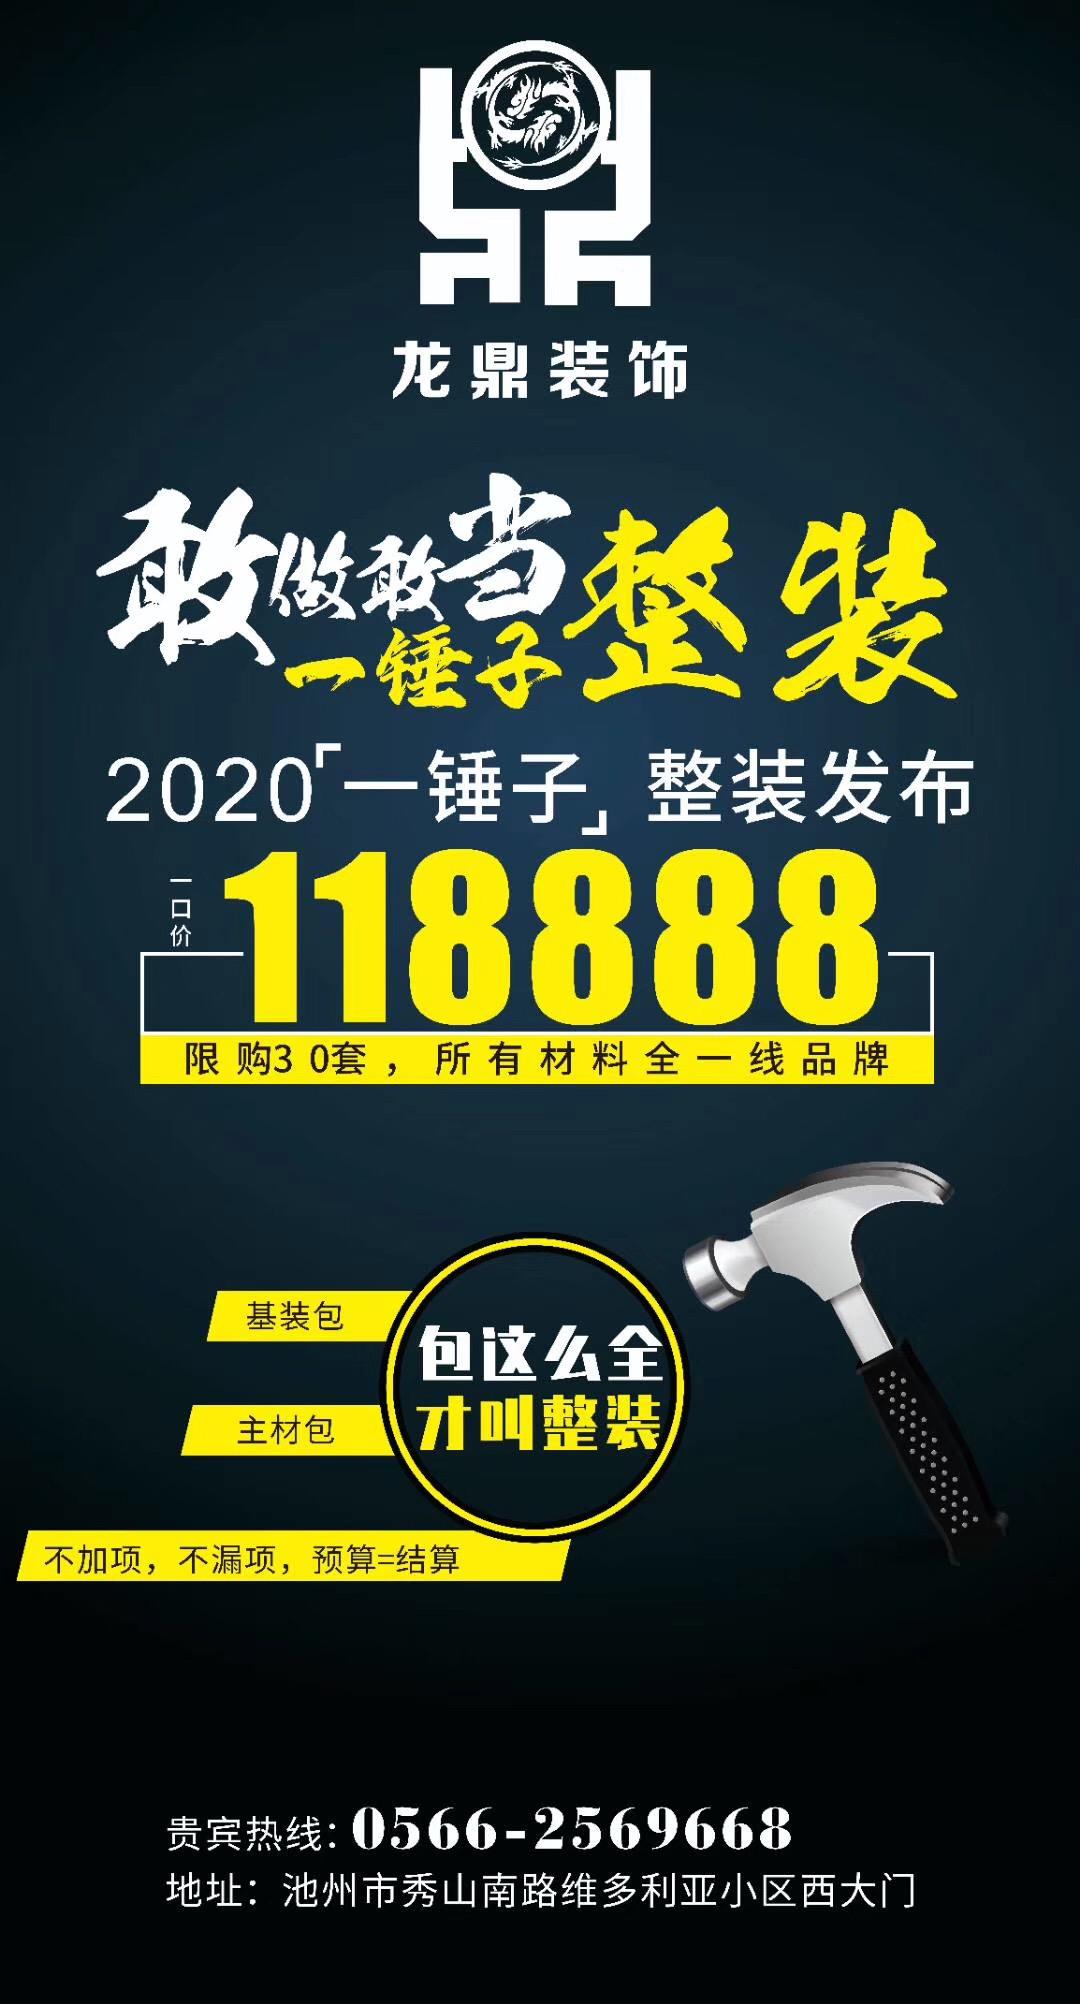 2020整装11888